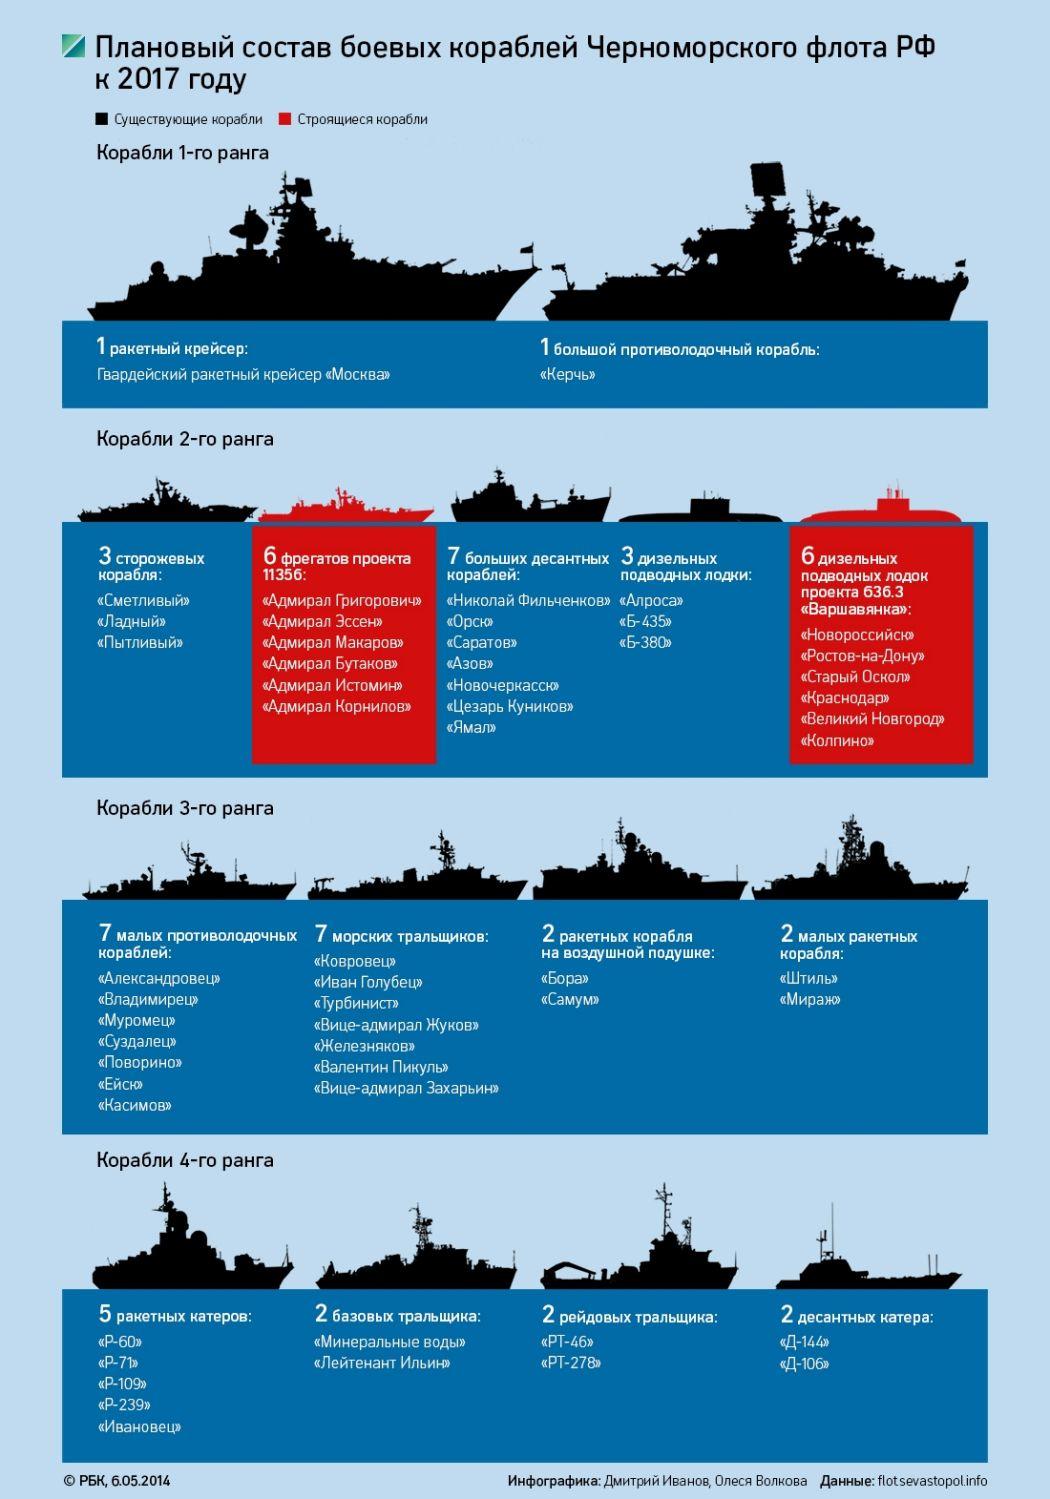 Новейшие корабли поступившие для вмф россии в 2017 году